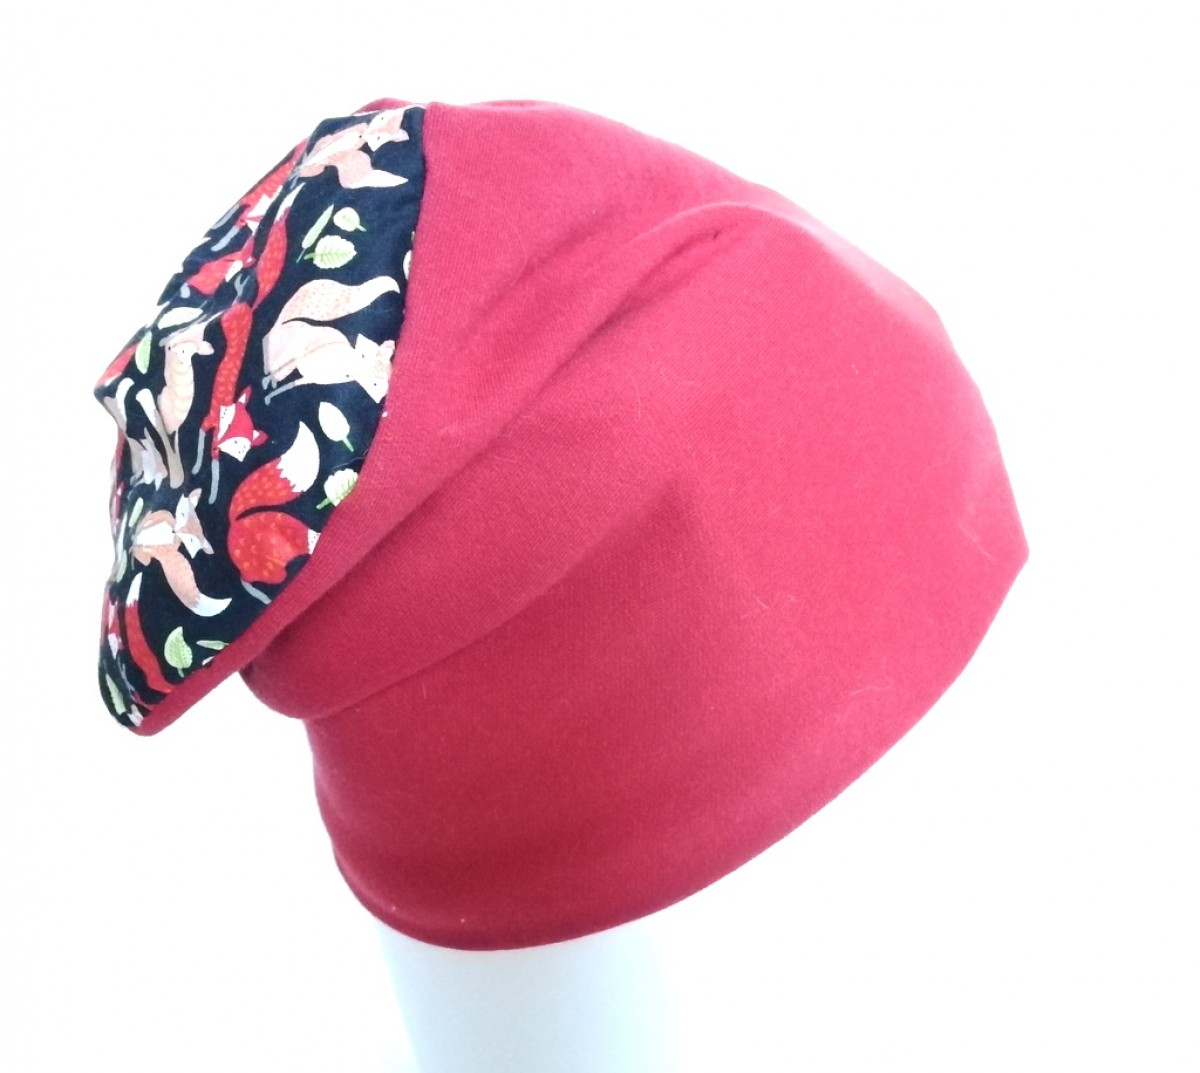 czapka damska dziewczęca dzianina lisek bawełna